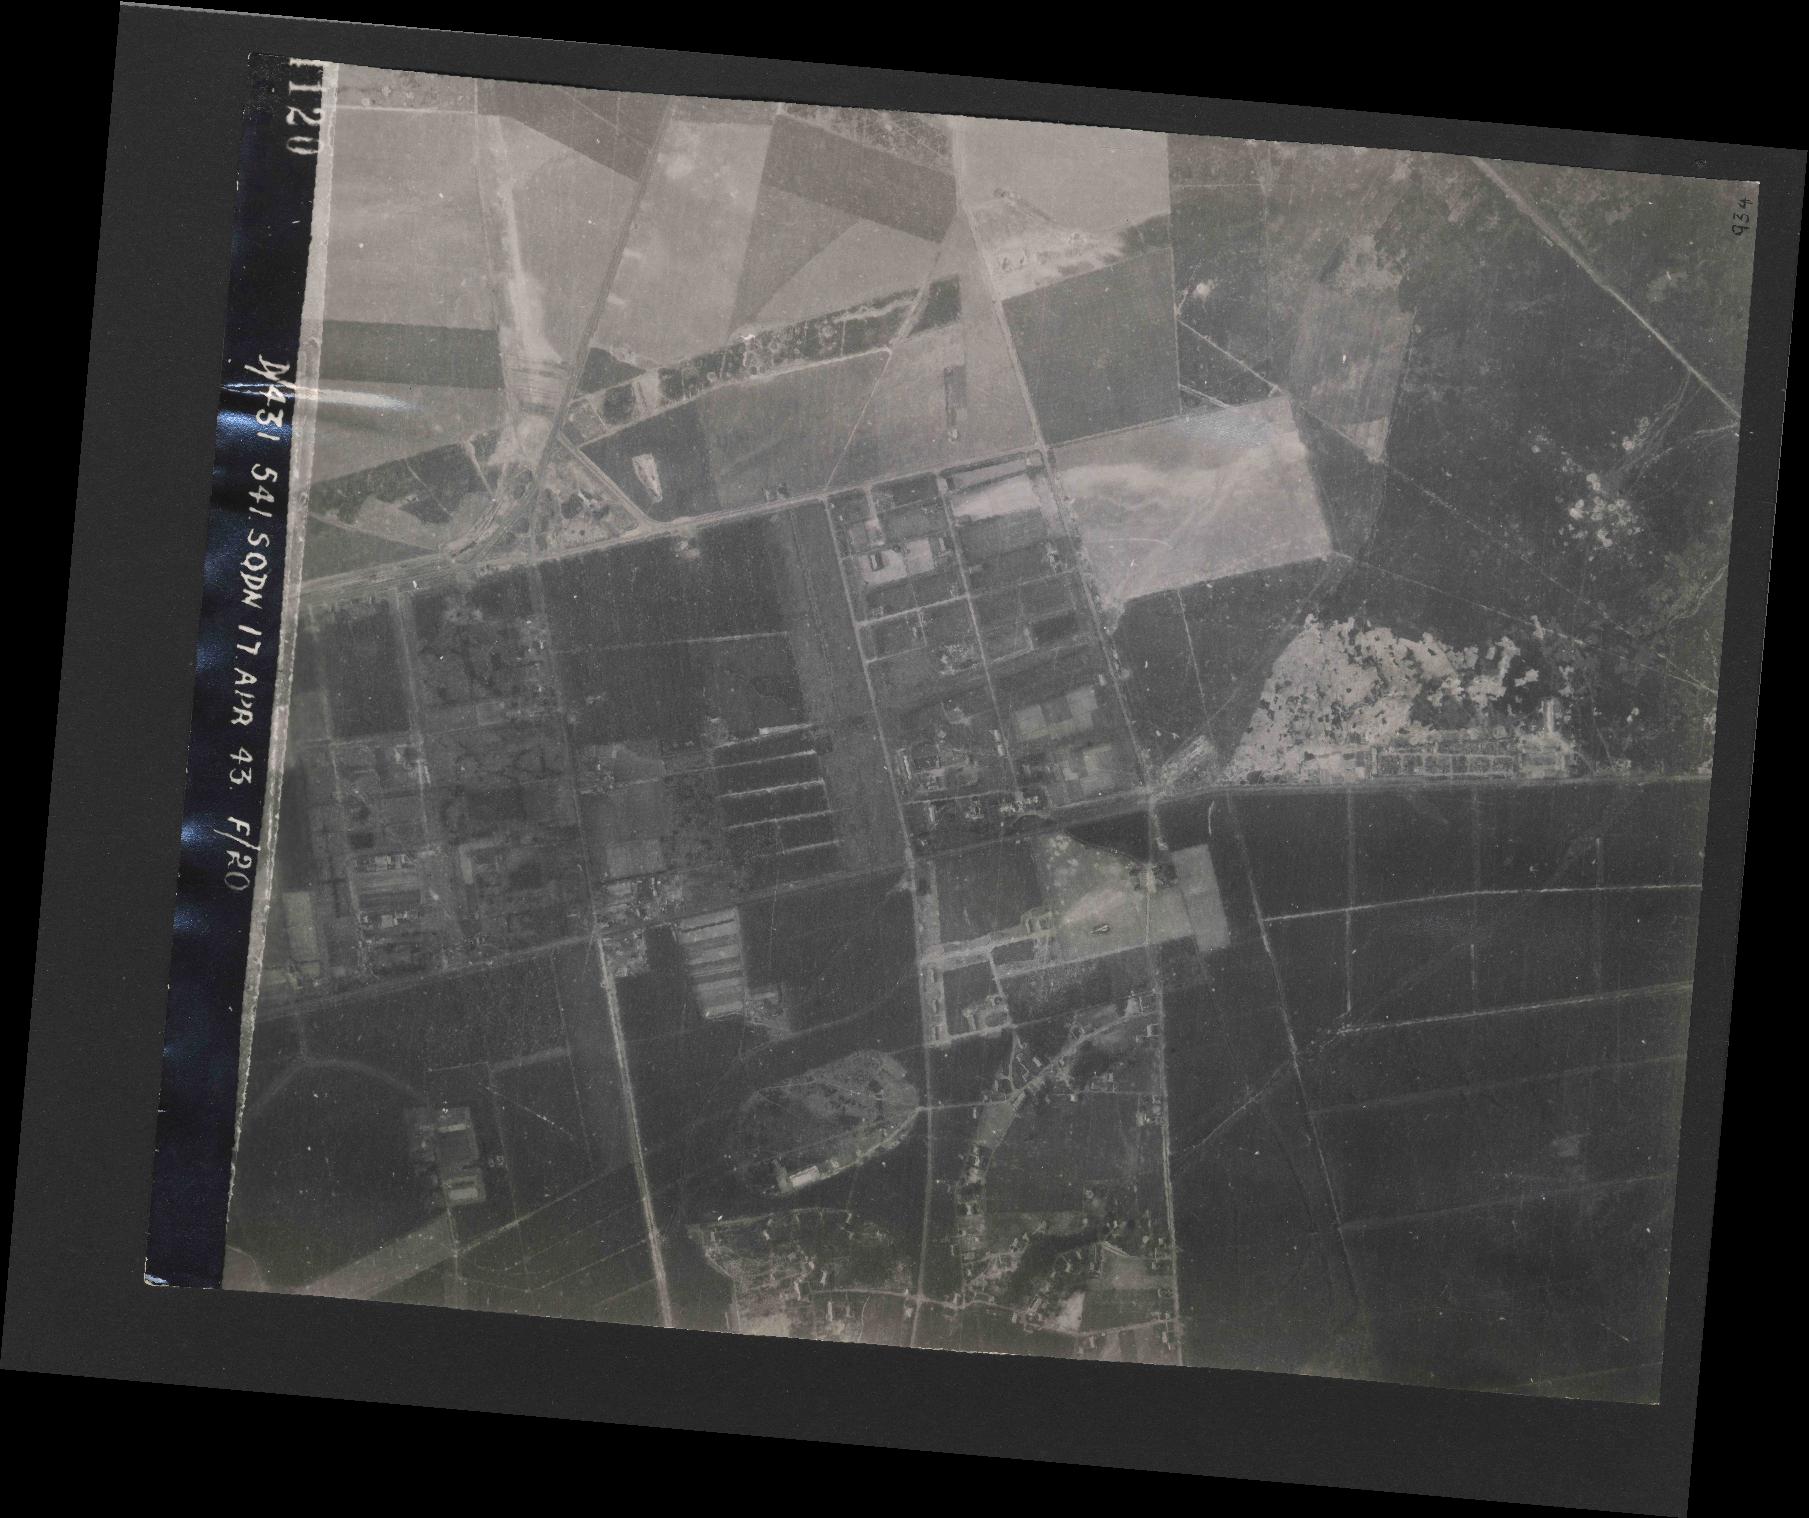 Collection RAF aerial photos 1940-1945 - flight 329, run 08, photo 4120